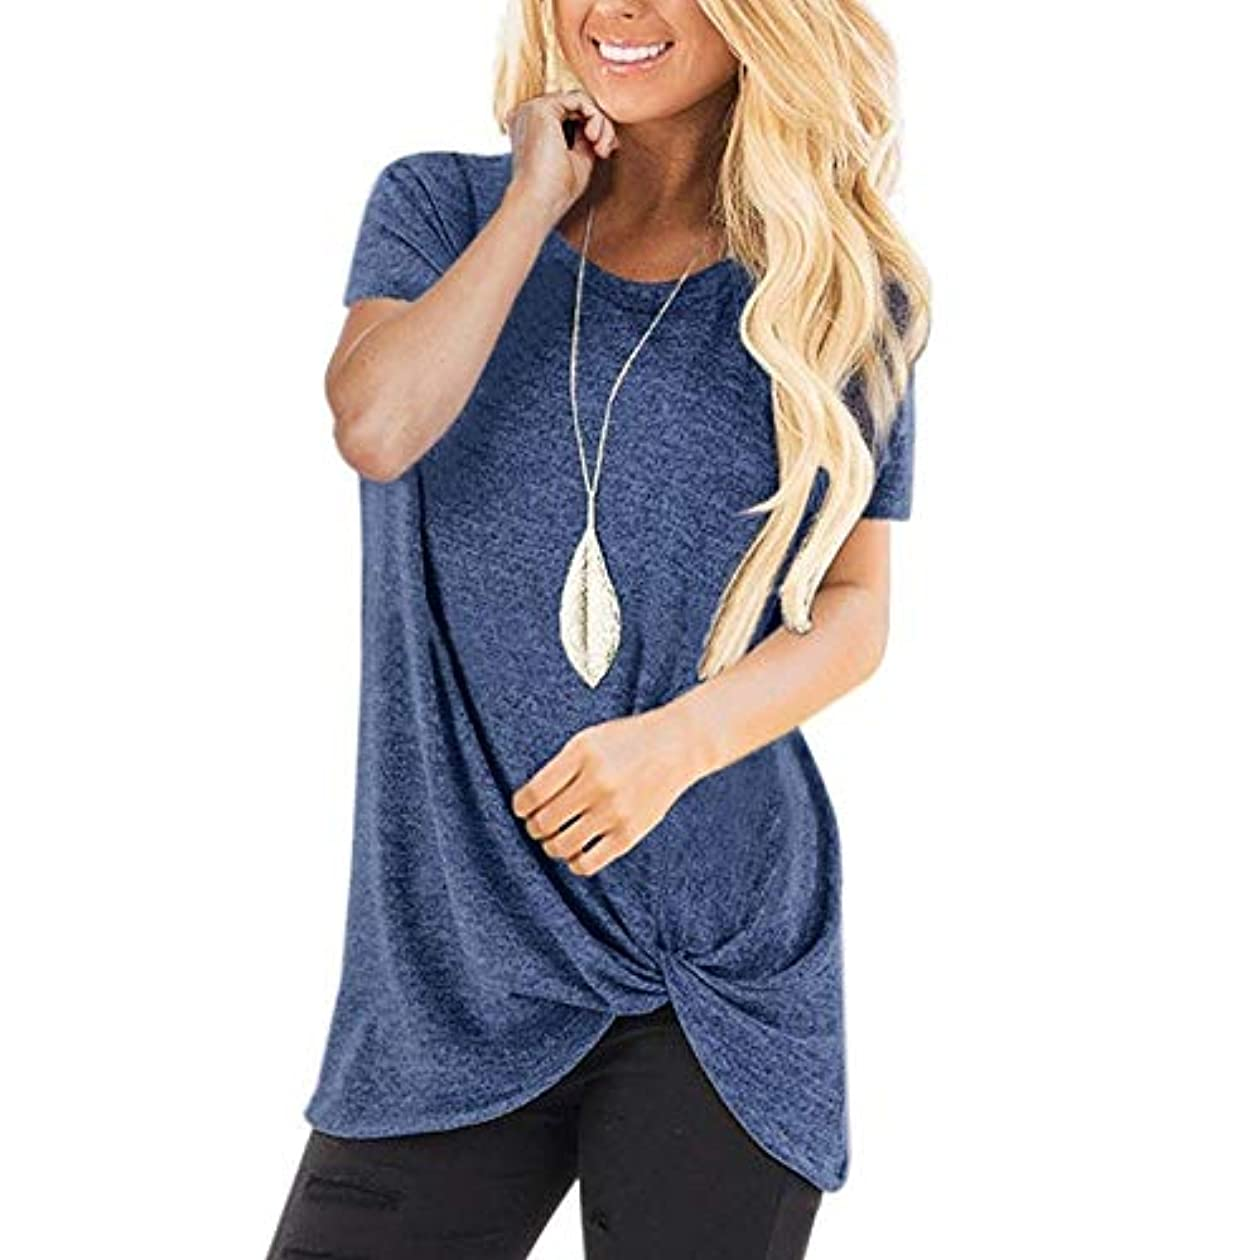 付与入植者ピックMIFAN コットンTシャツ、カジュアルTシャツ、レディースブラウス、トップス&Tシャツ、プラスサイズ、ルーズtシャツ